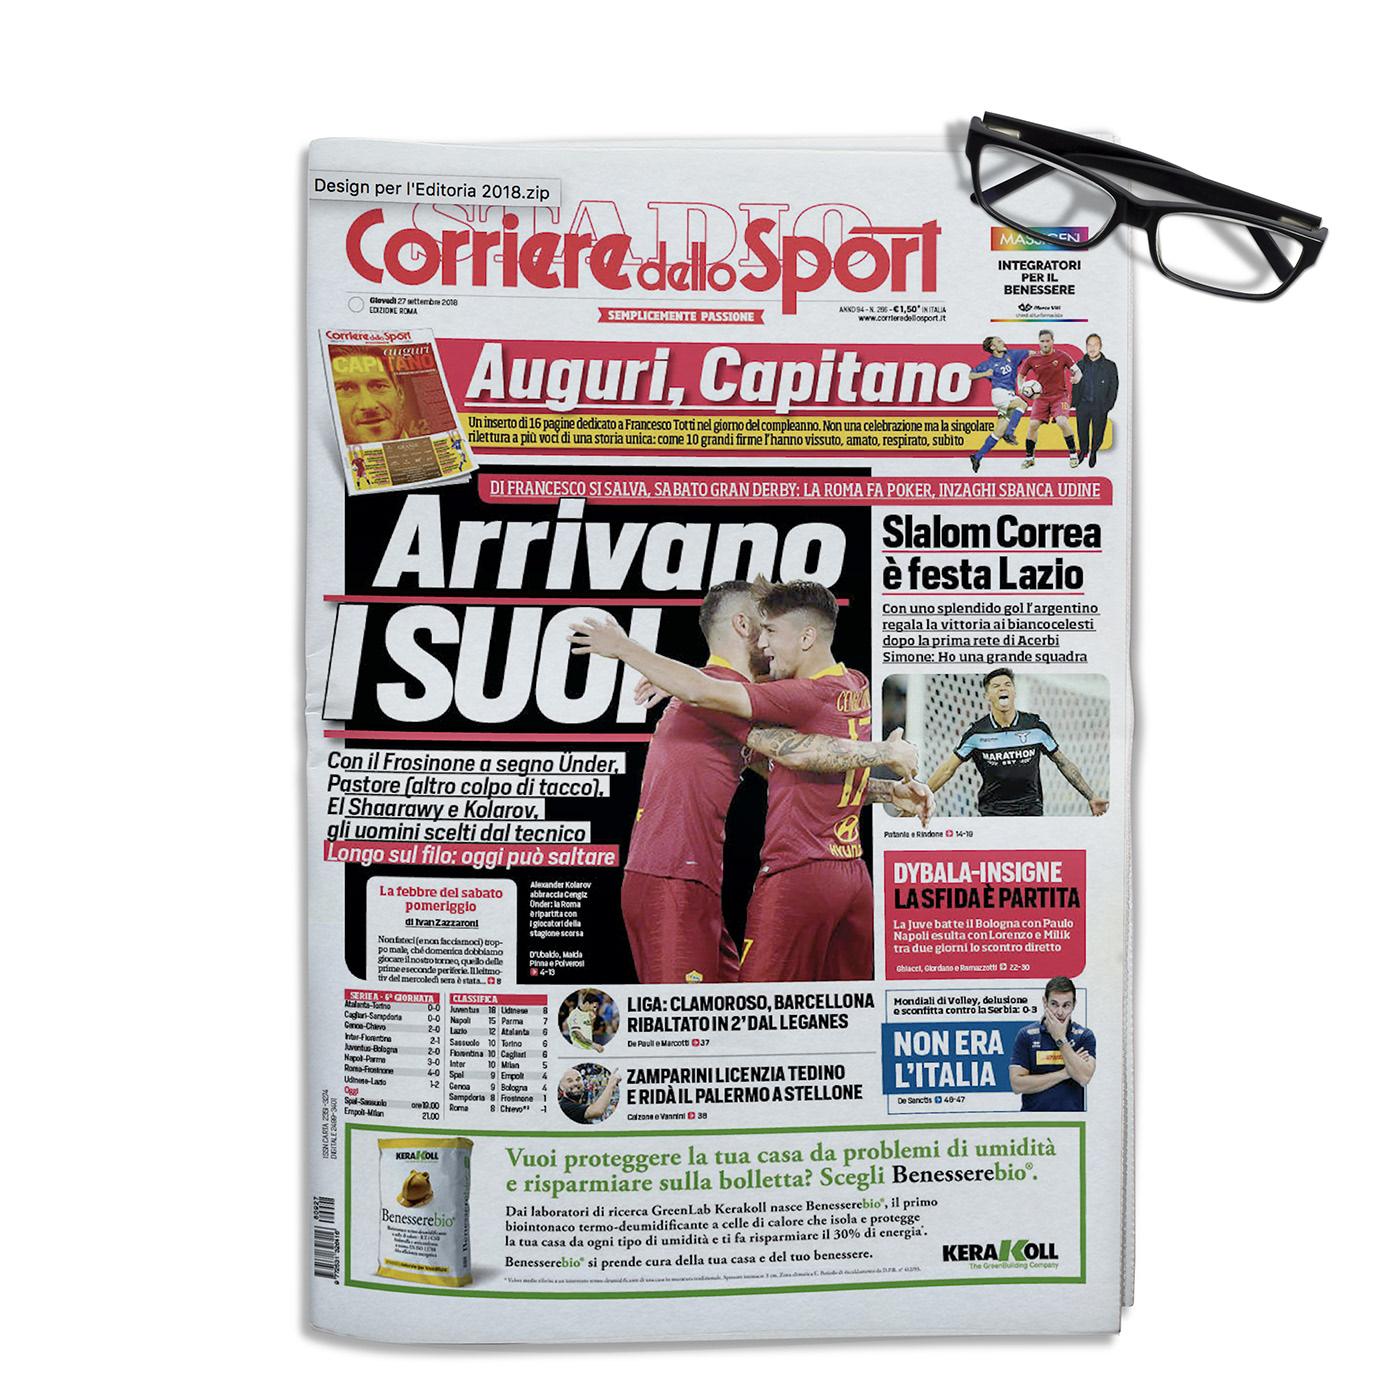 Francesco Mazzenga corriere dello sport STADIO sport calcio soccer design editorial design  Fotografia